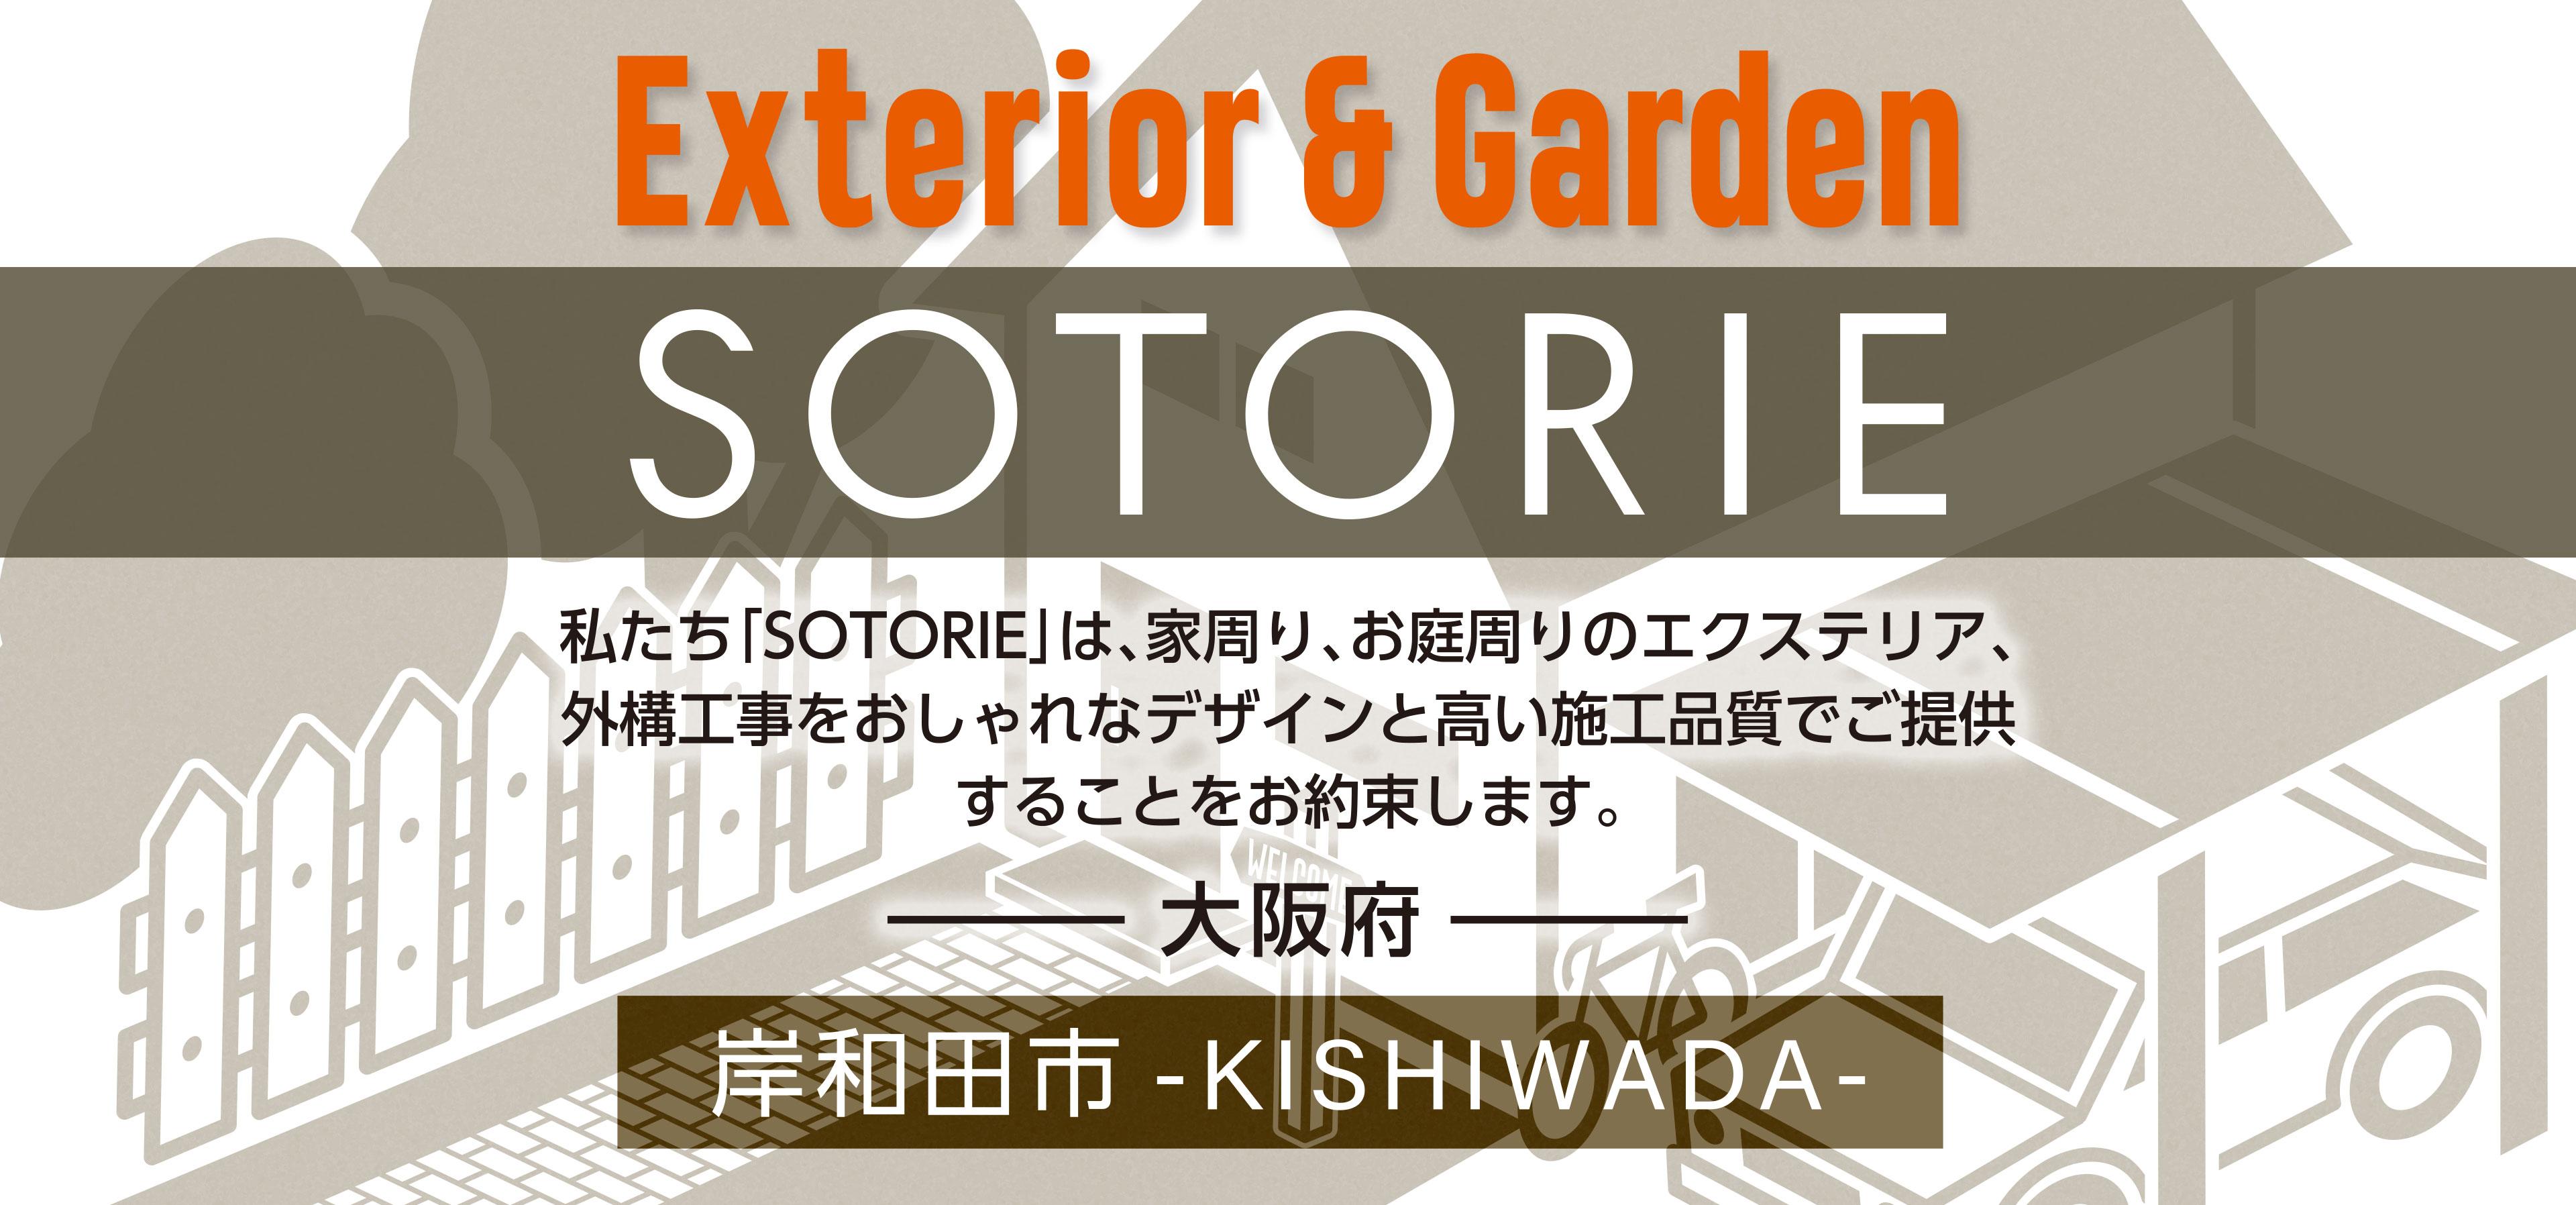 ソトリエ岸和田市では、家周りと庭周りの外構、エクステリア工事をおしゃれなデザインと高い施工品質でご提供することをお約束します。